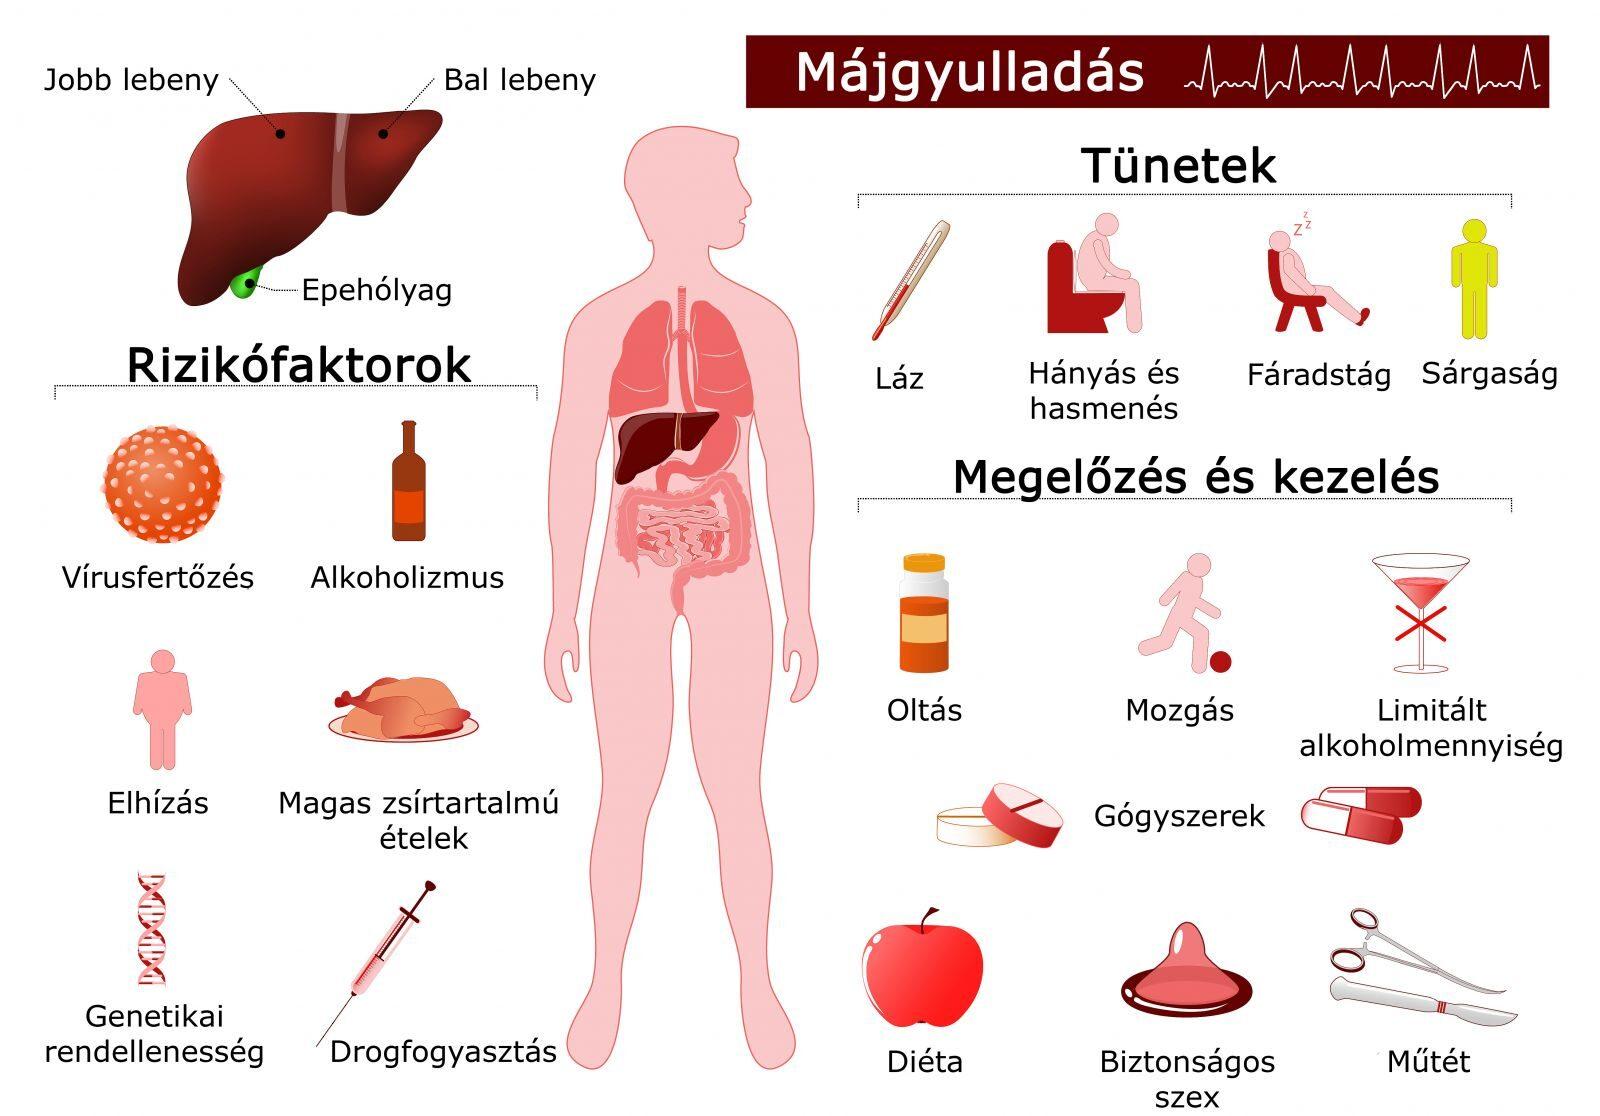 ízületi fájdalom, hepatitis c